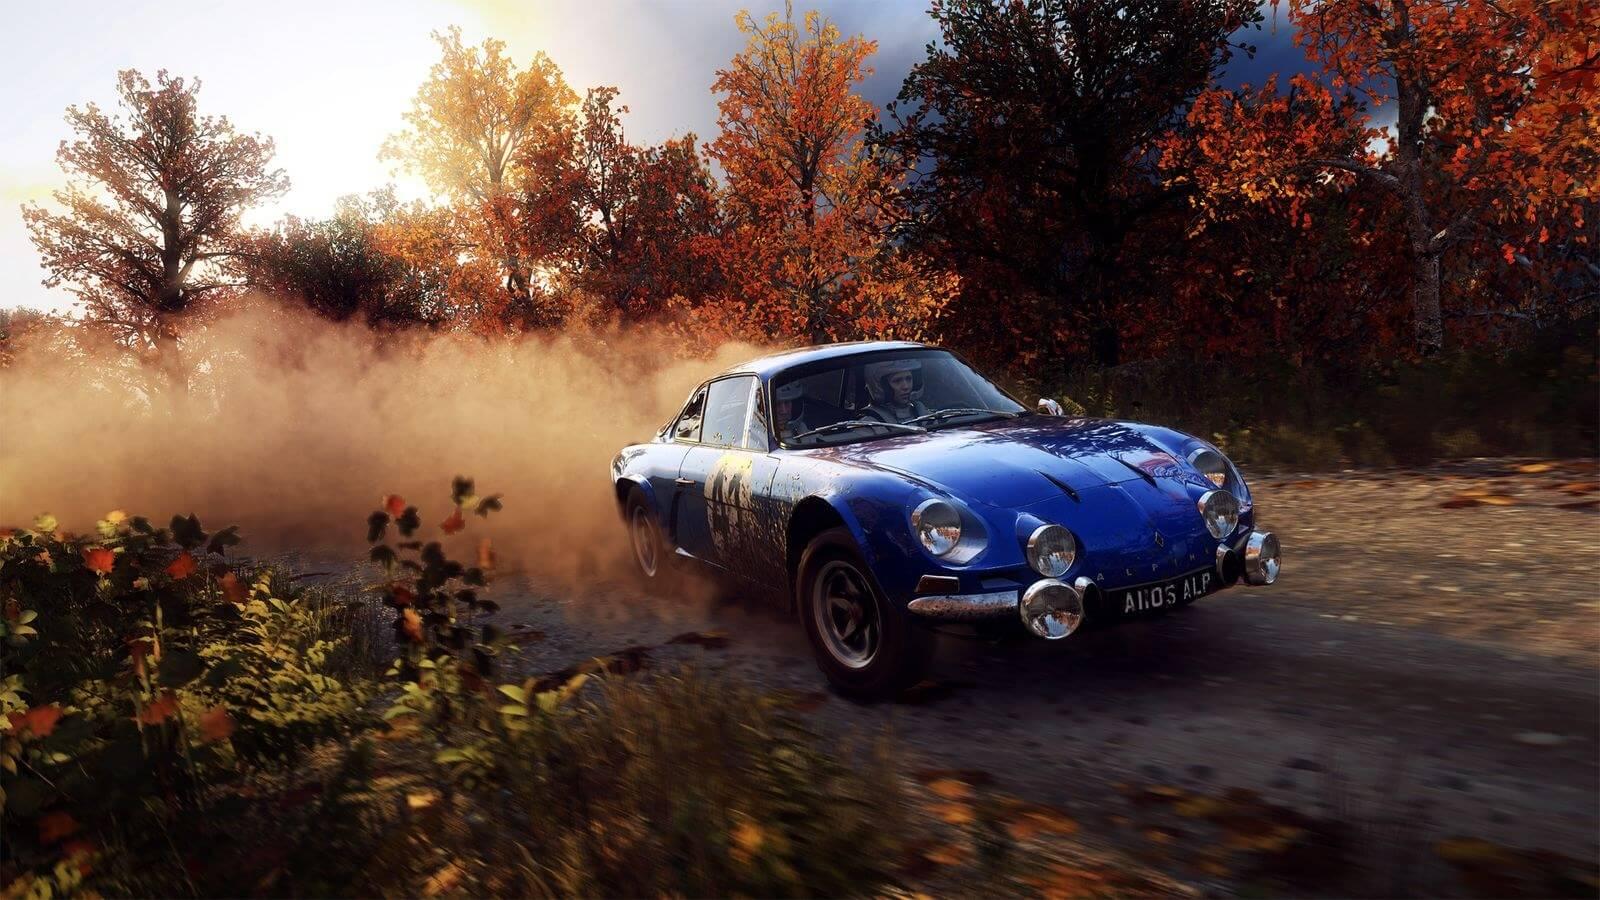 Получите через сервис Humble Bundle игру DiRT Rally абсолютно бесплатно инавсегда